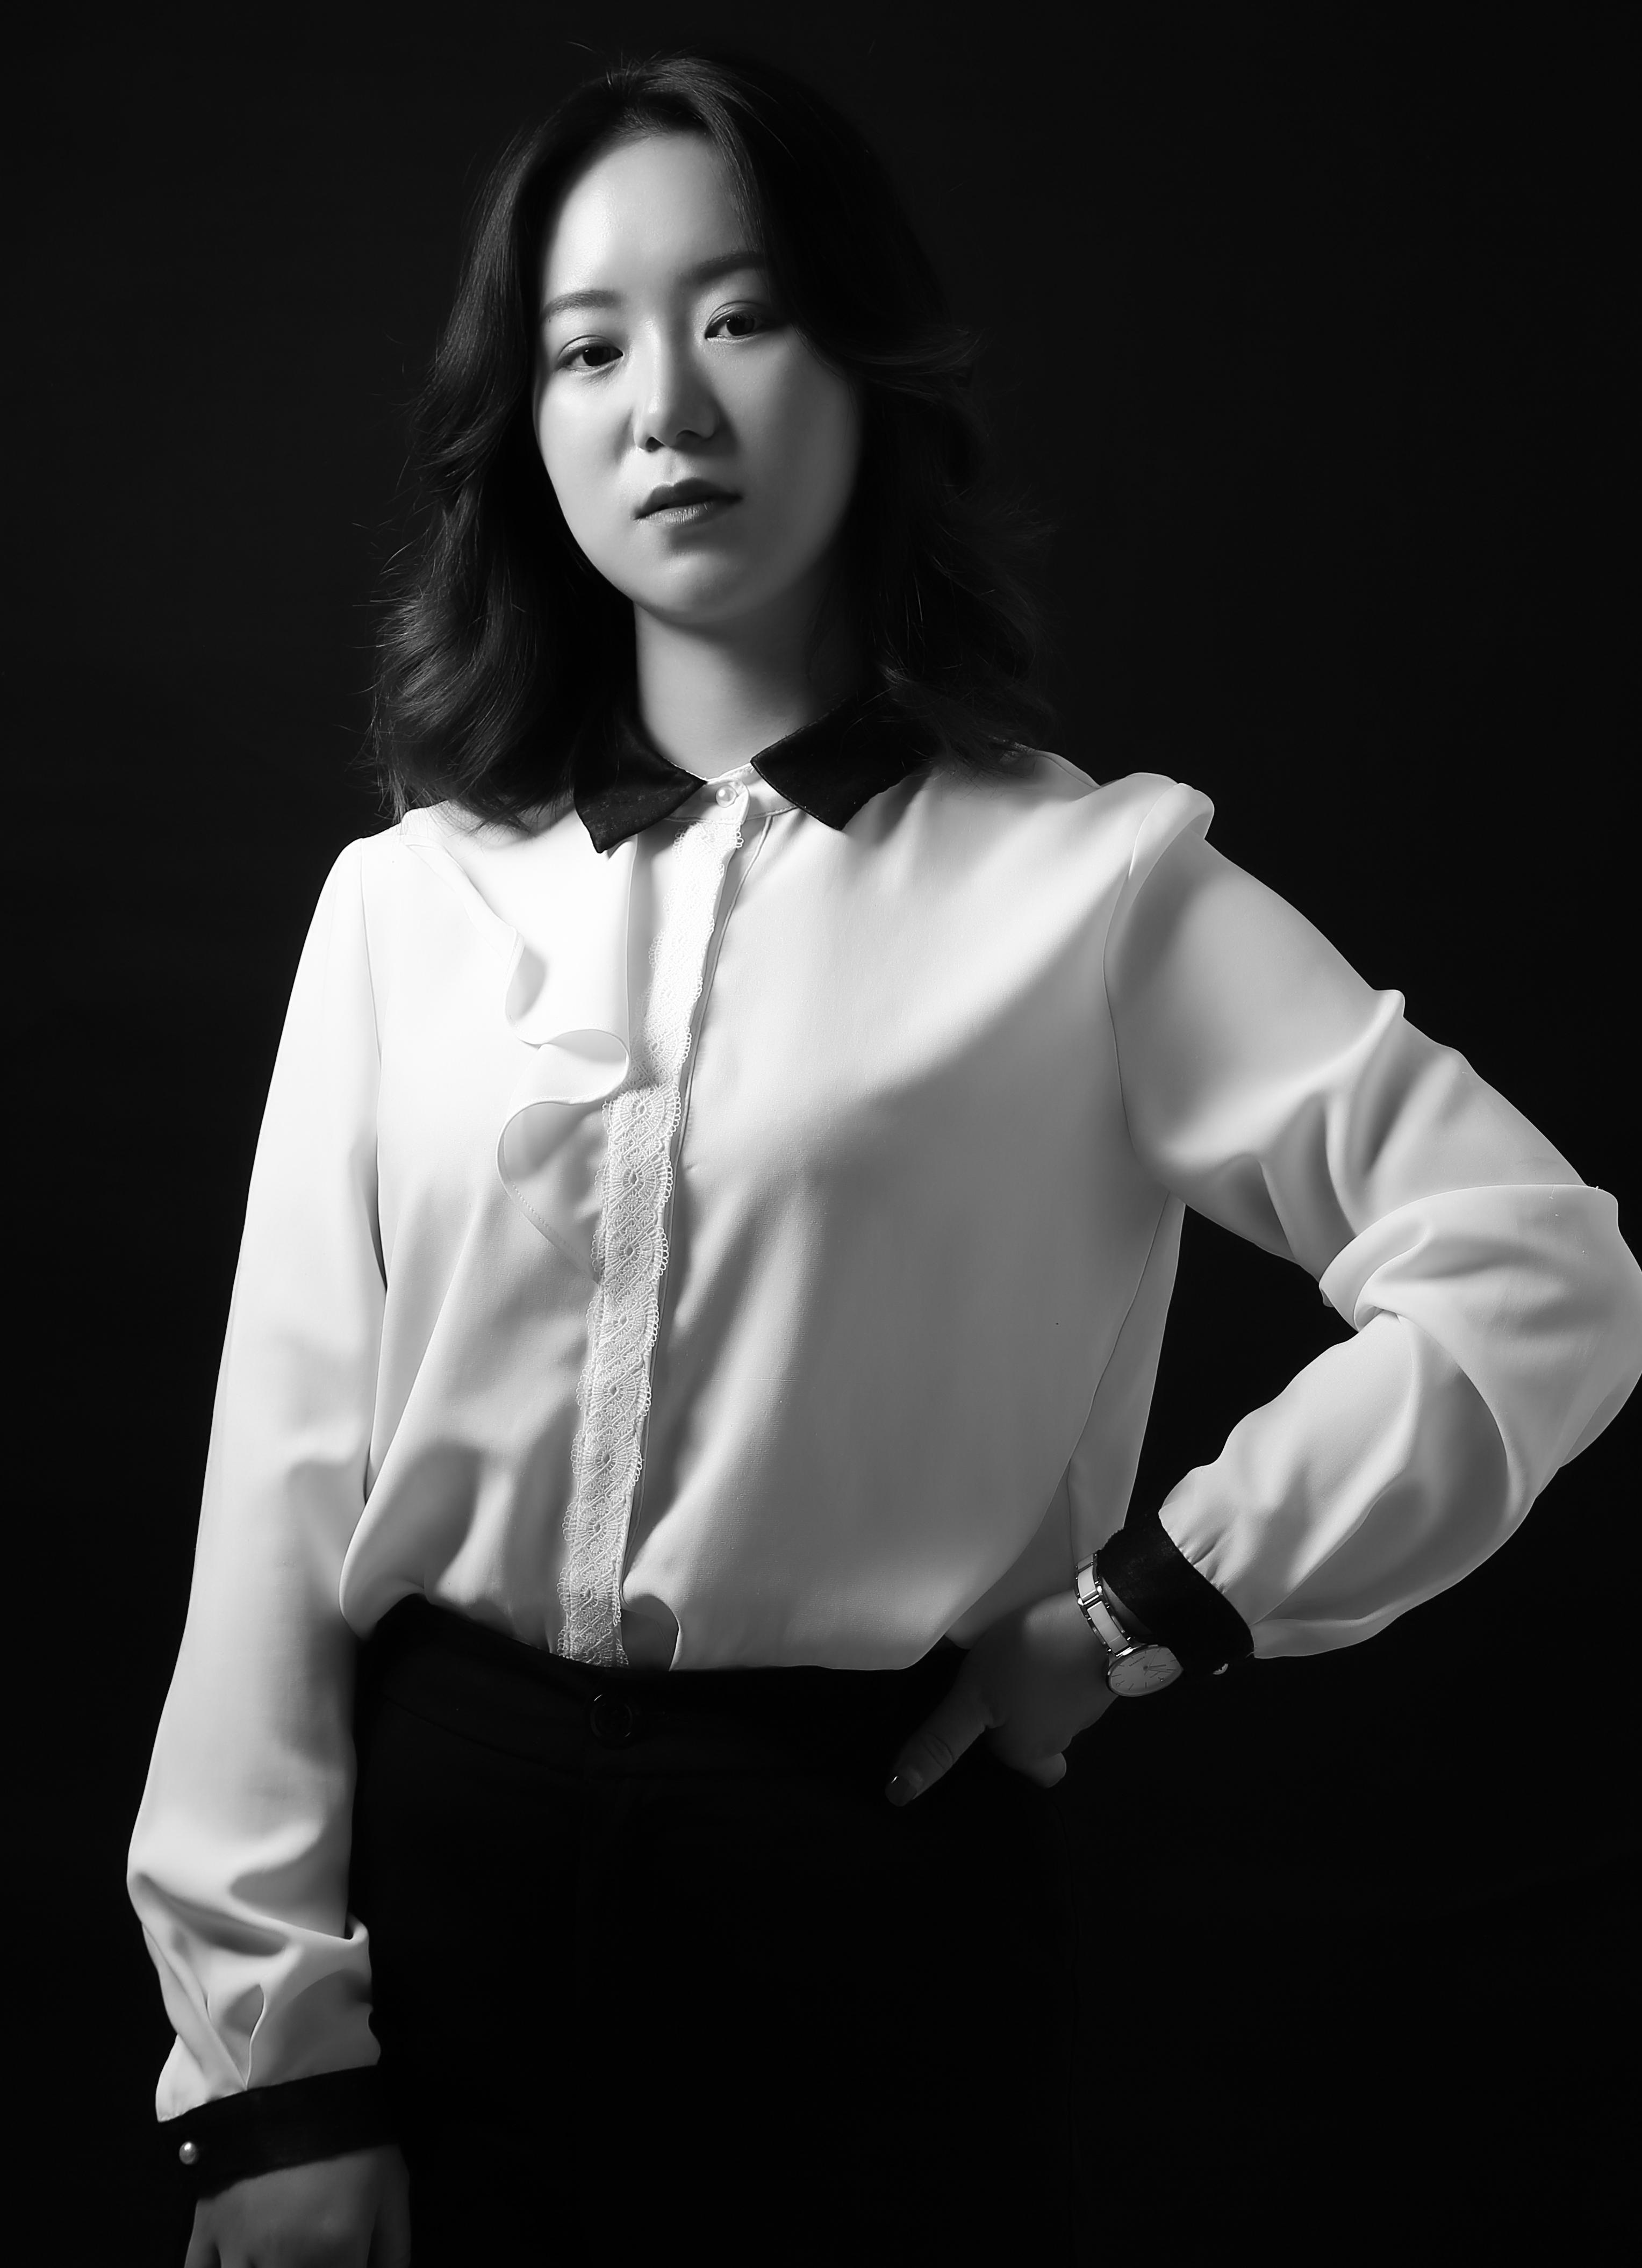 合肥东箭装饰设计师赵琴琴